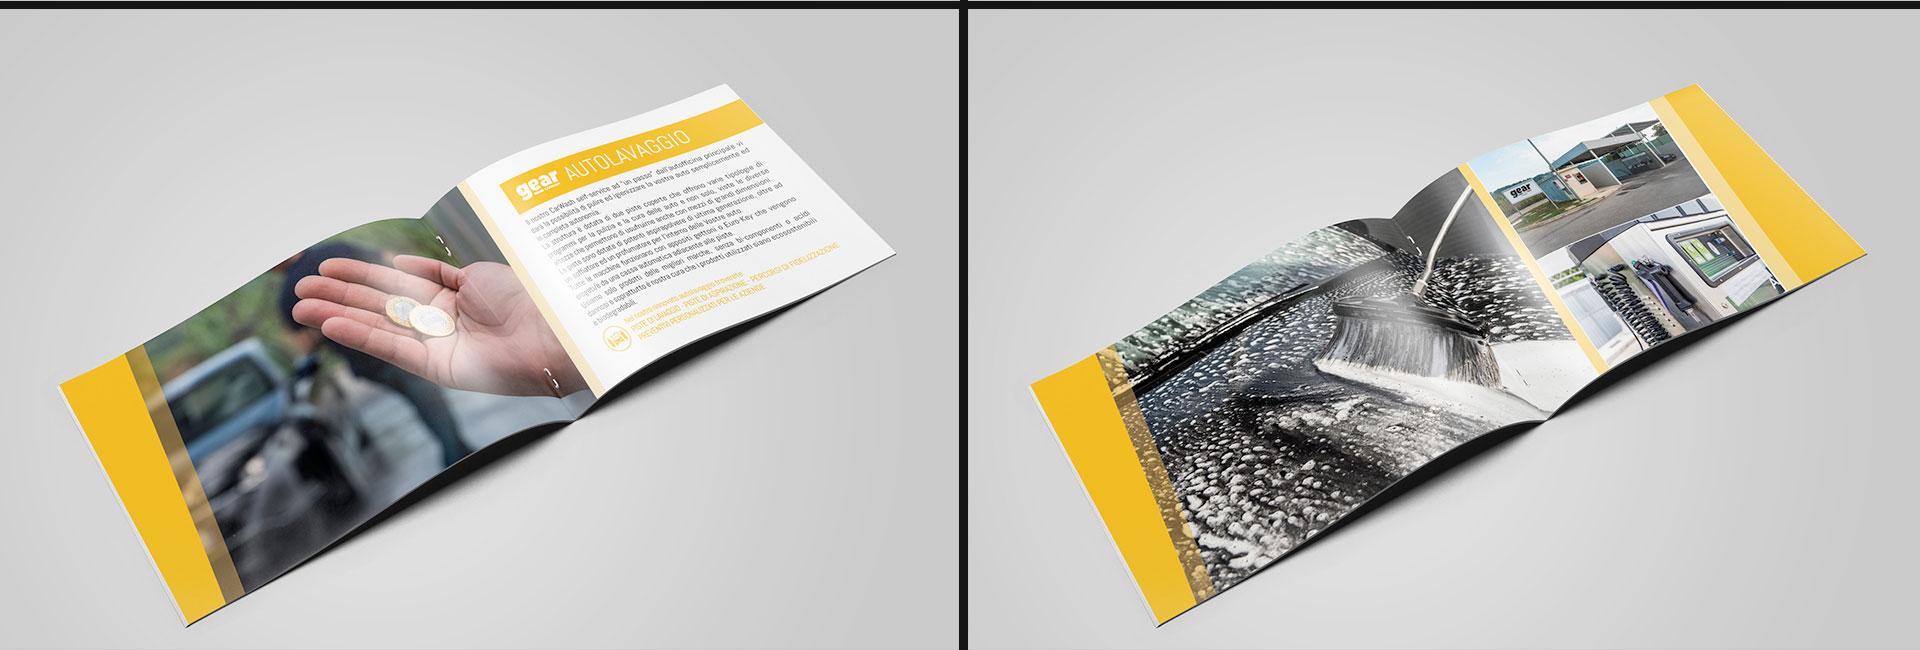 7gear-brochure3